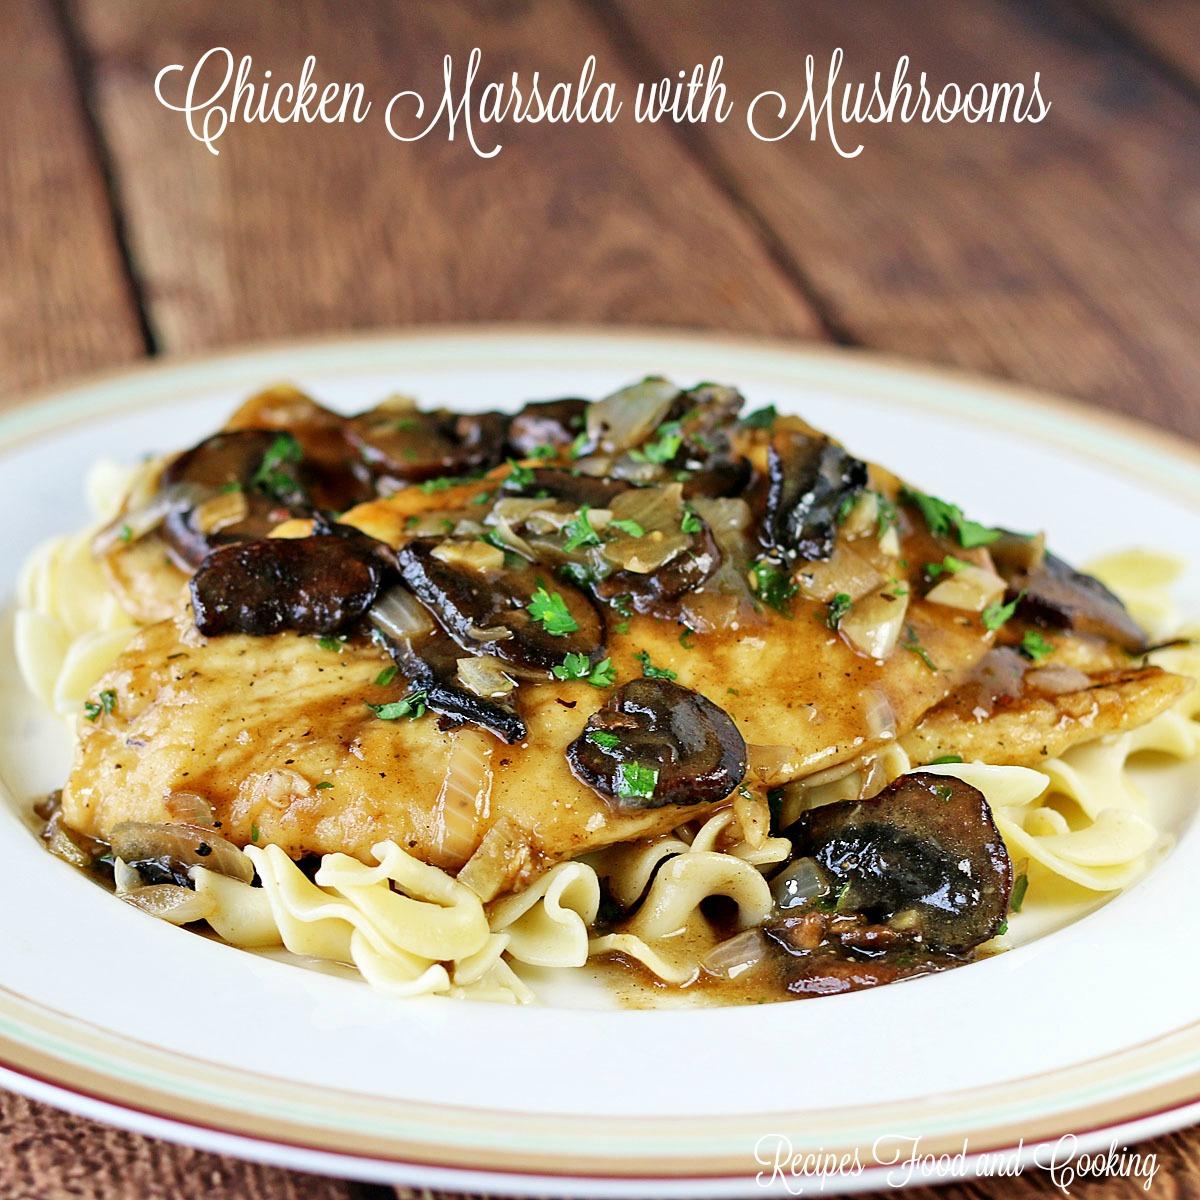 Chicken Marsala with Mushrooms